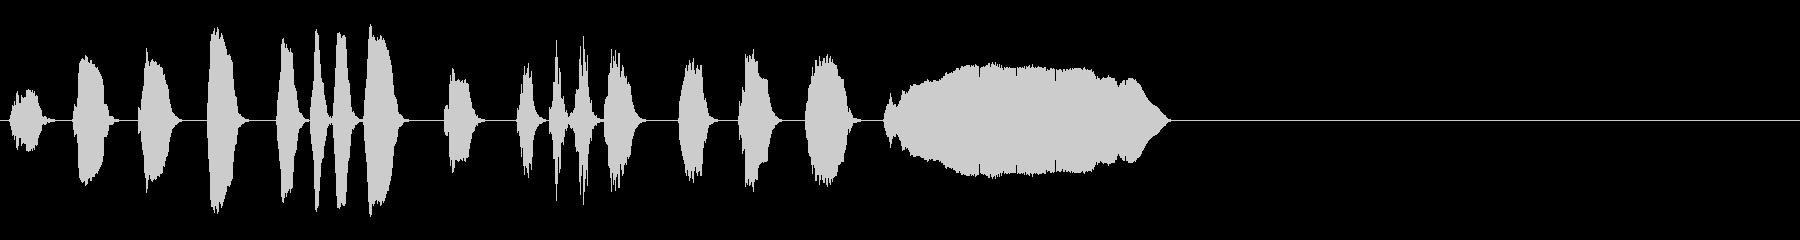 ミュートトランペット-競馬。の未再生の波形